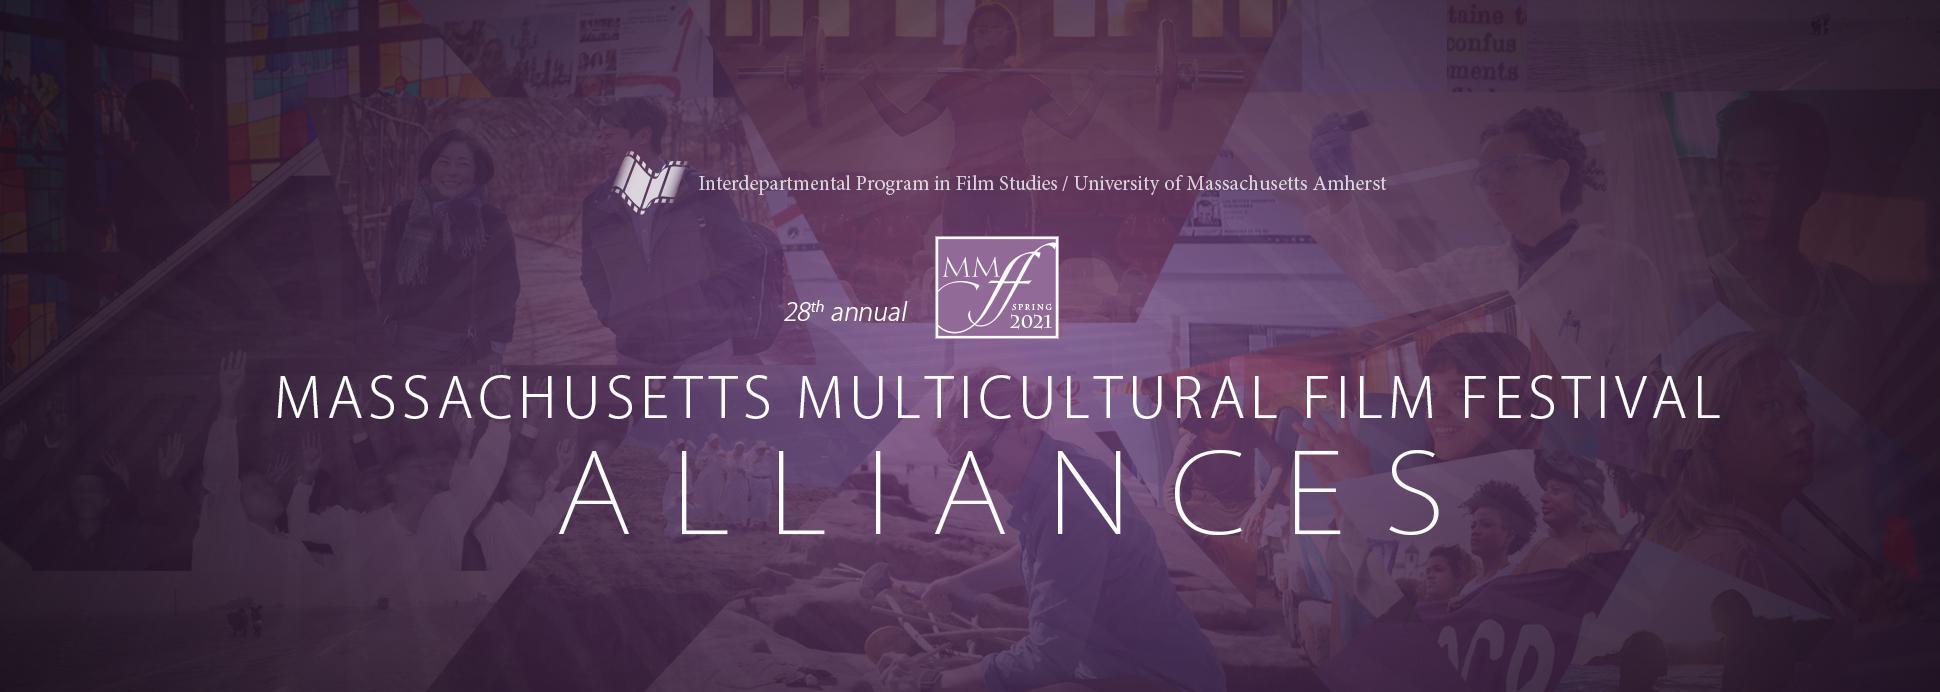 Massachusetts Multicultural Film Festival 2021